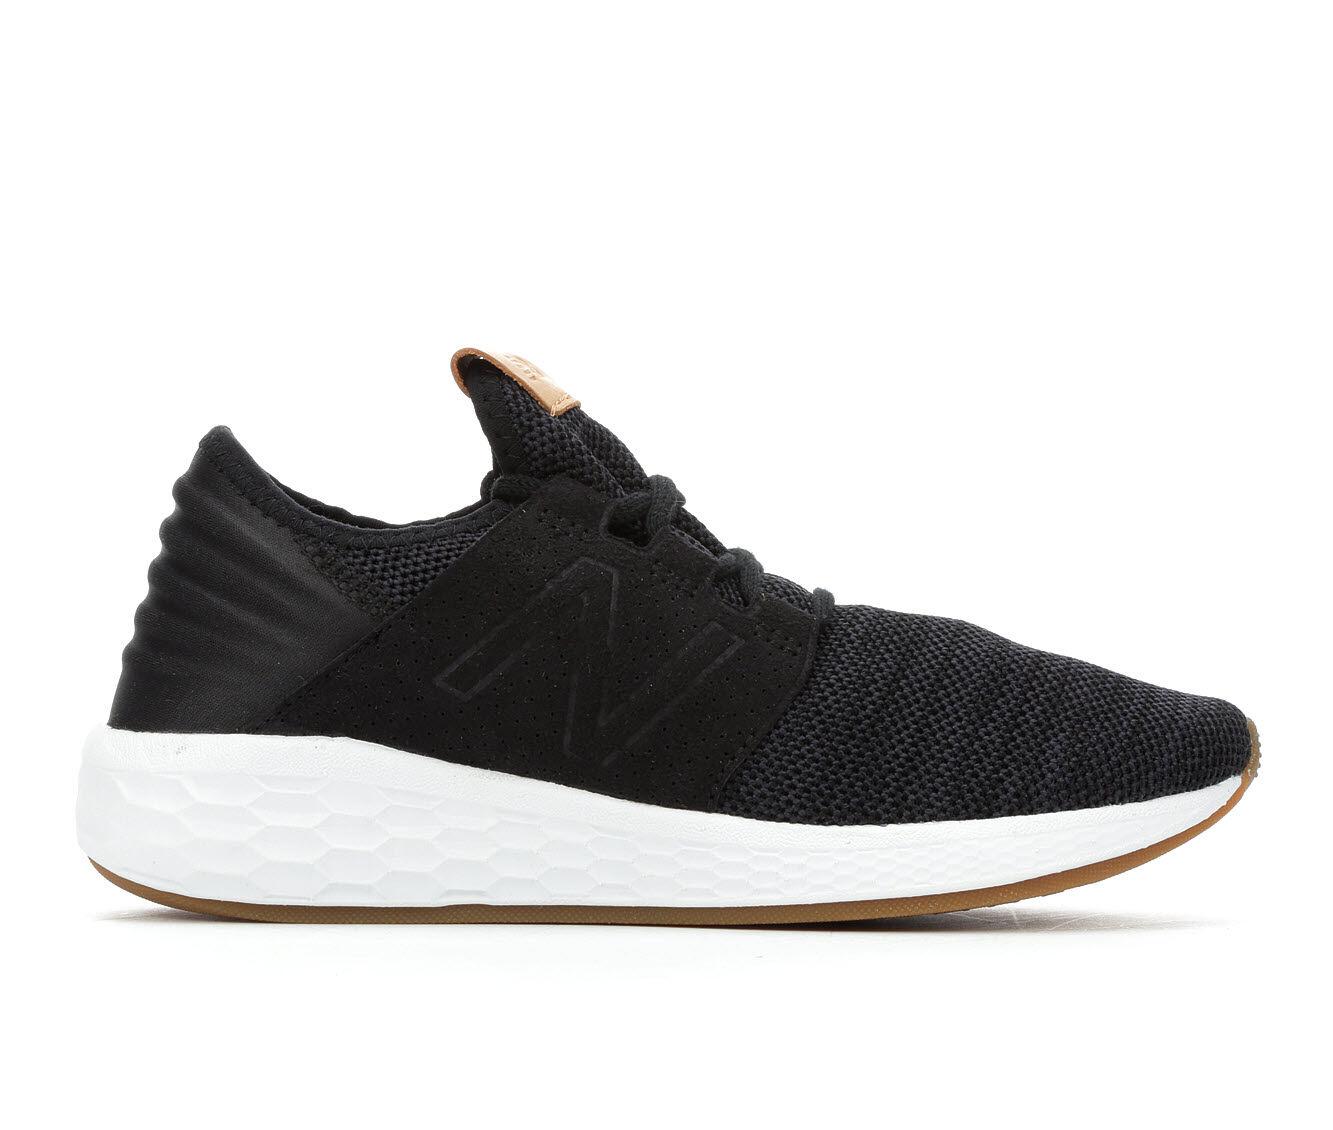 Women's New Balance Cruz 2 Running Shoes Black/White